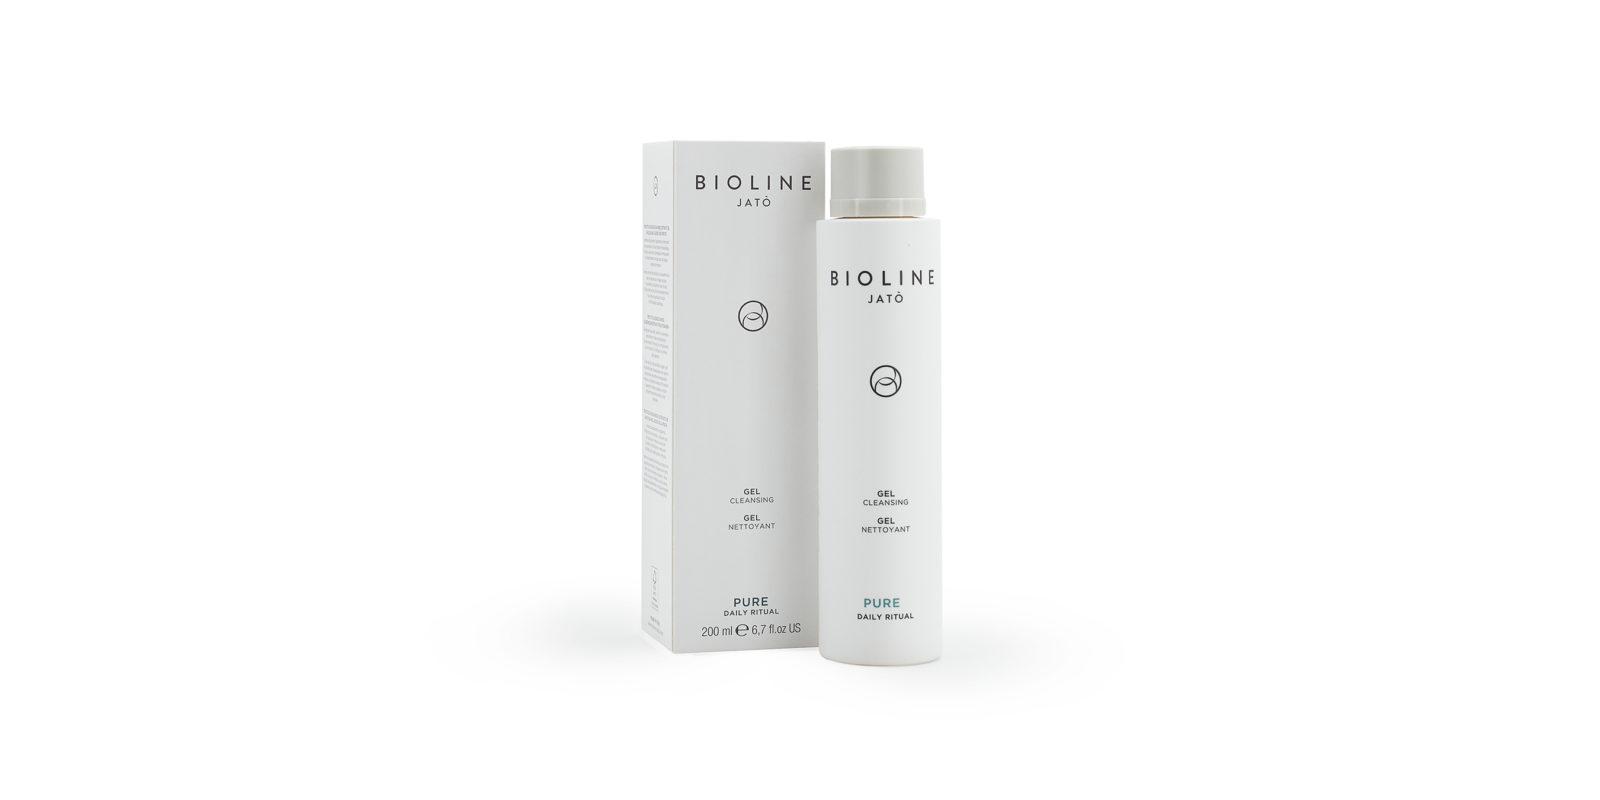 Bioline Jatò Pure+ Gel Cleansing